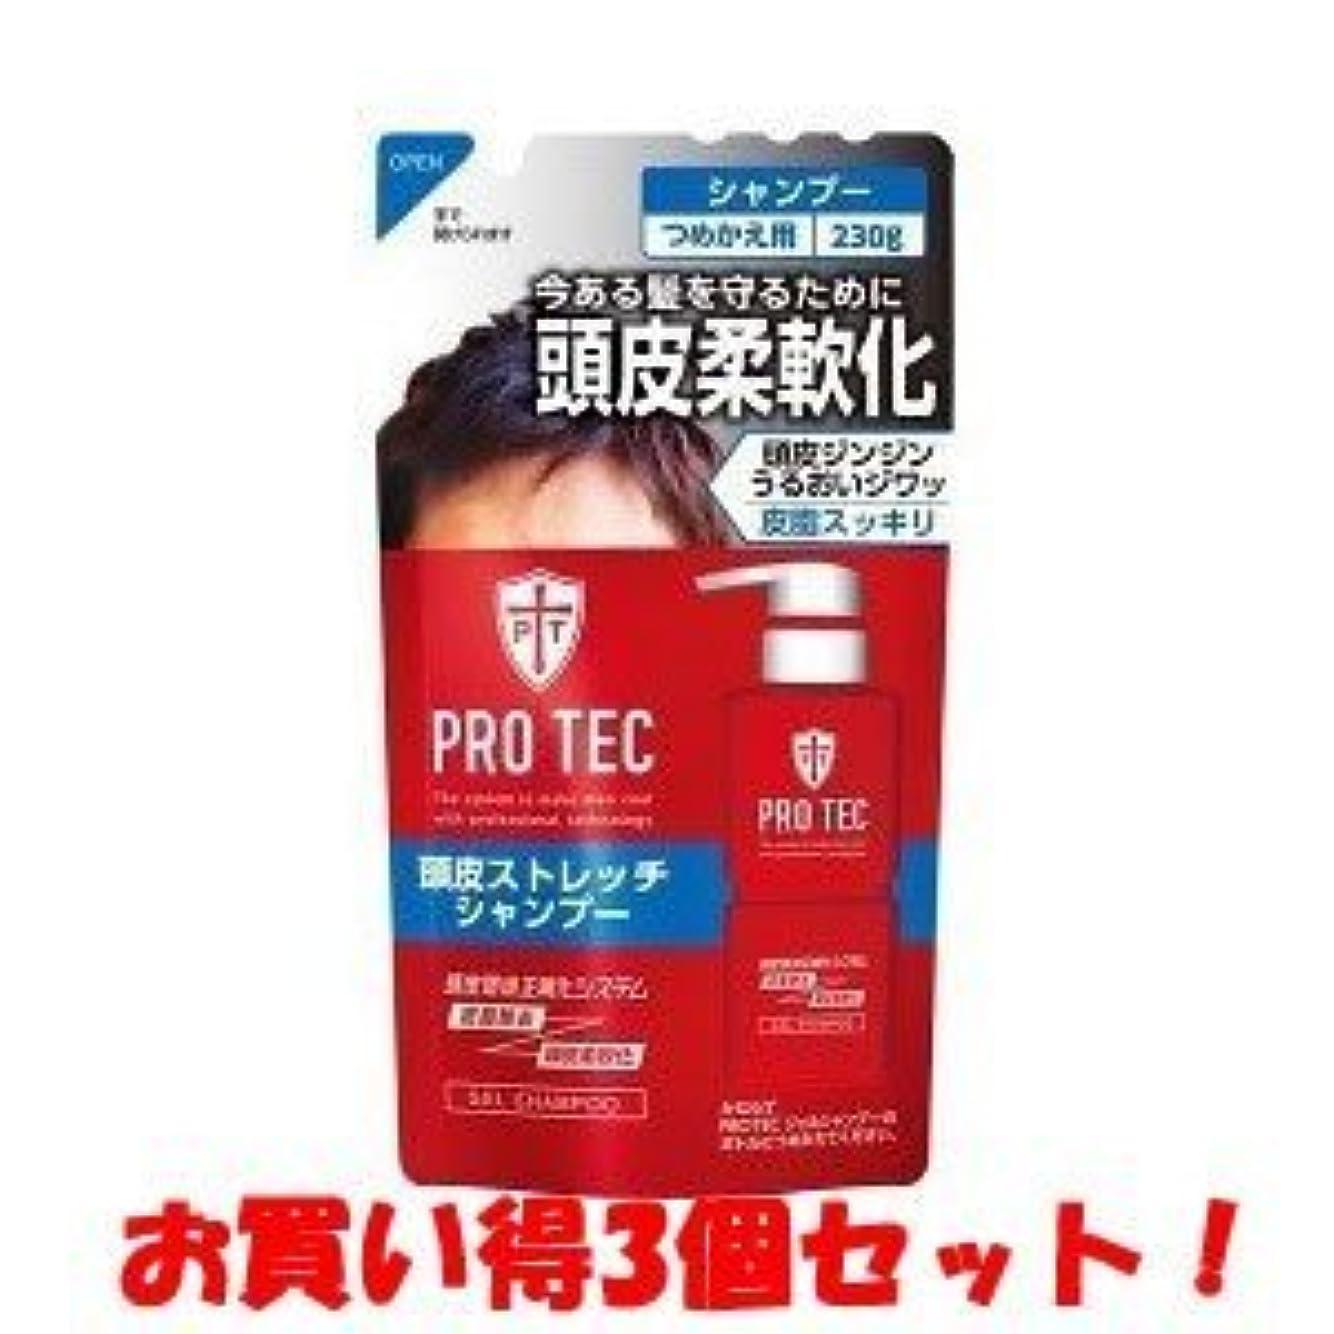 シャンパン仲介者復活(ライオン)PRO TEC(プロテク) 頭皮ストレッチ シャンプー つめかえ用 230g(医薬部外品)(お買い得3個セット)